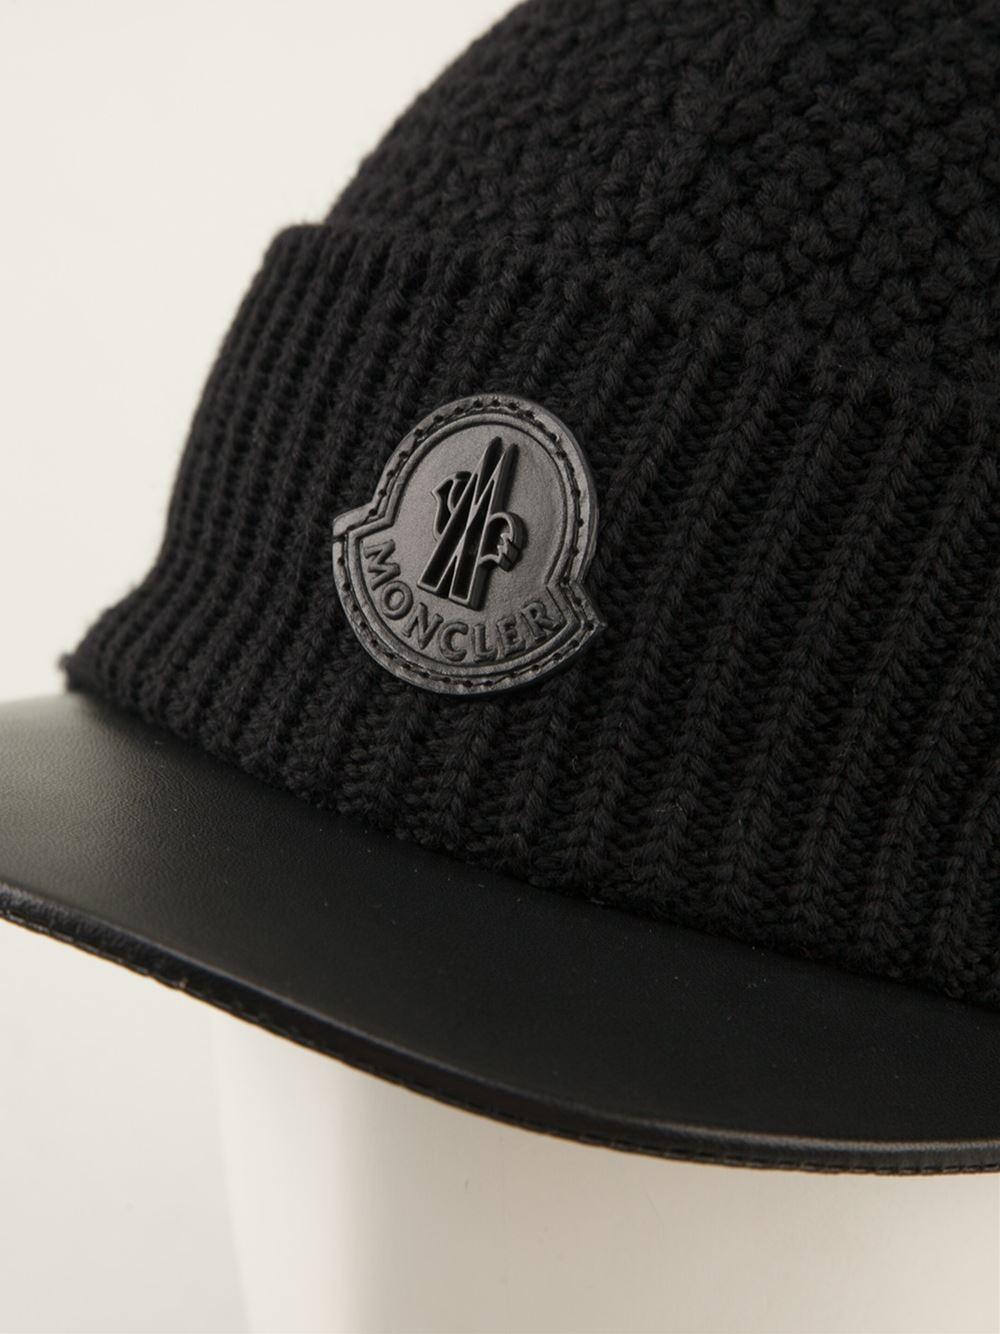 b6e8d9ffd50 Lyst - Moncler Knitted Visor Hat in Black for Men